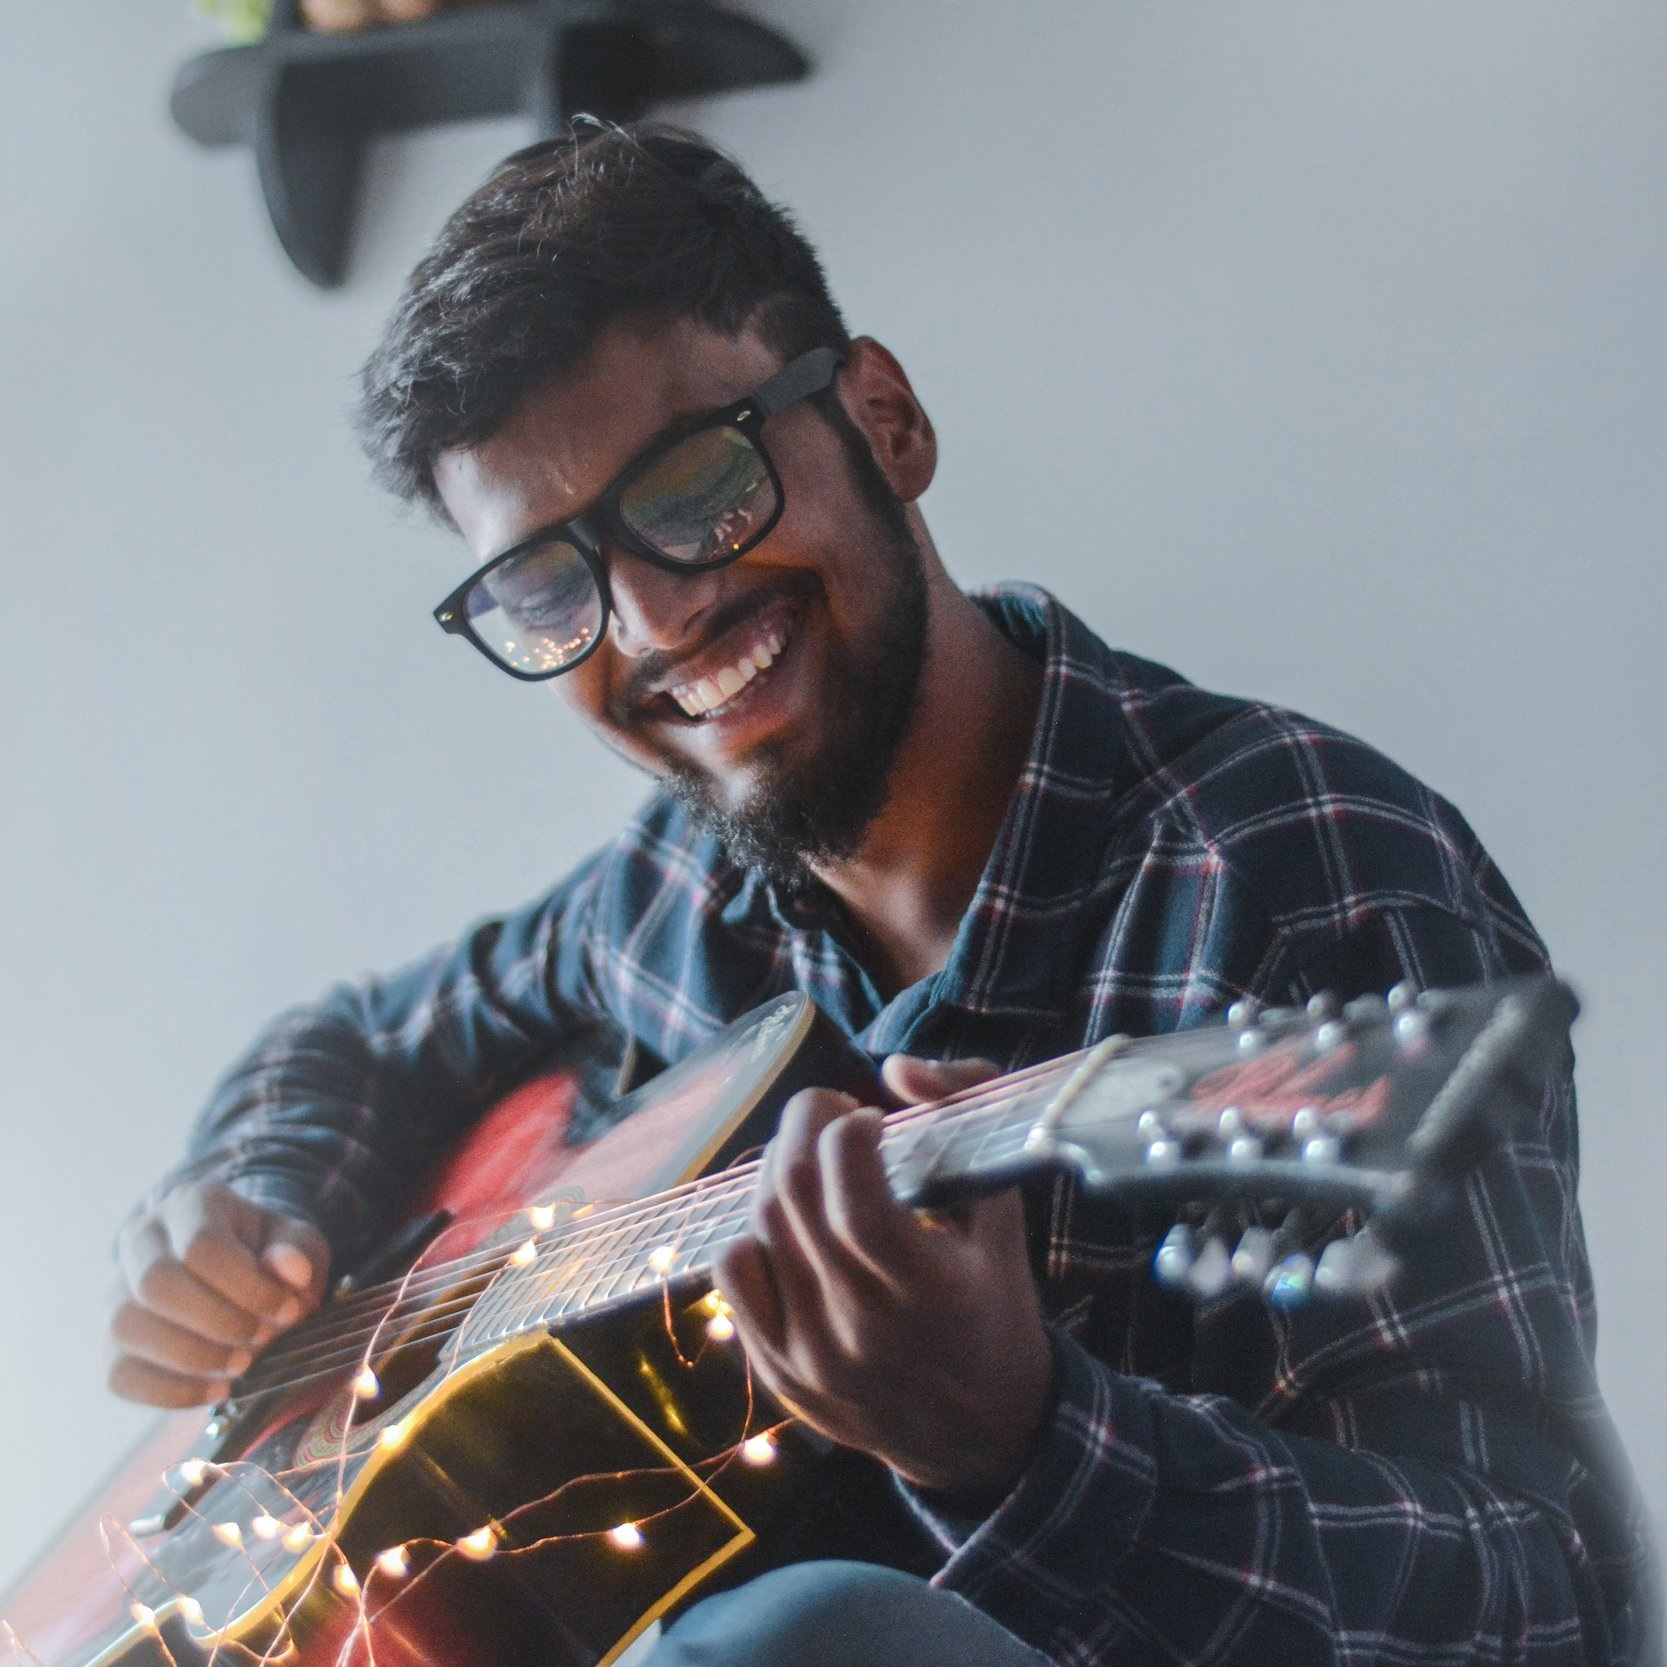 beard-eyewear-guitar-977971.jpg